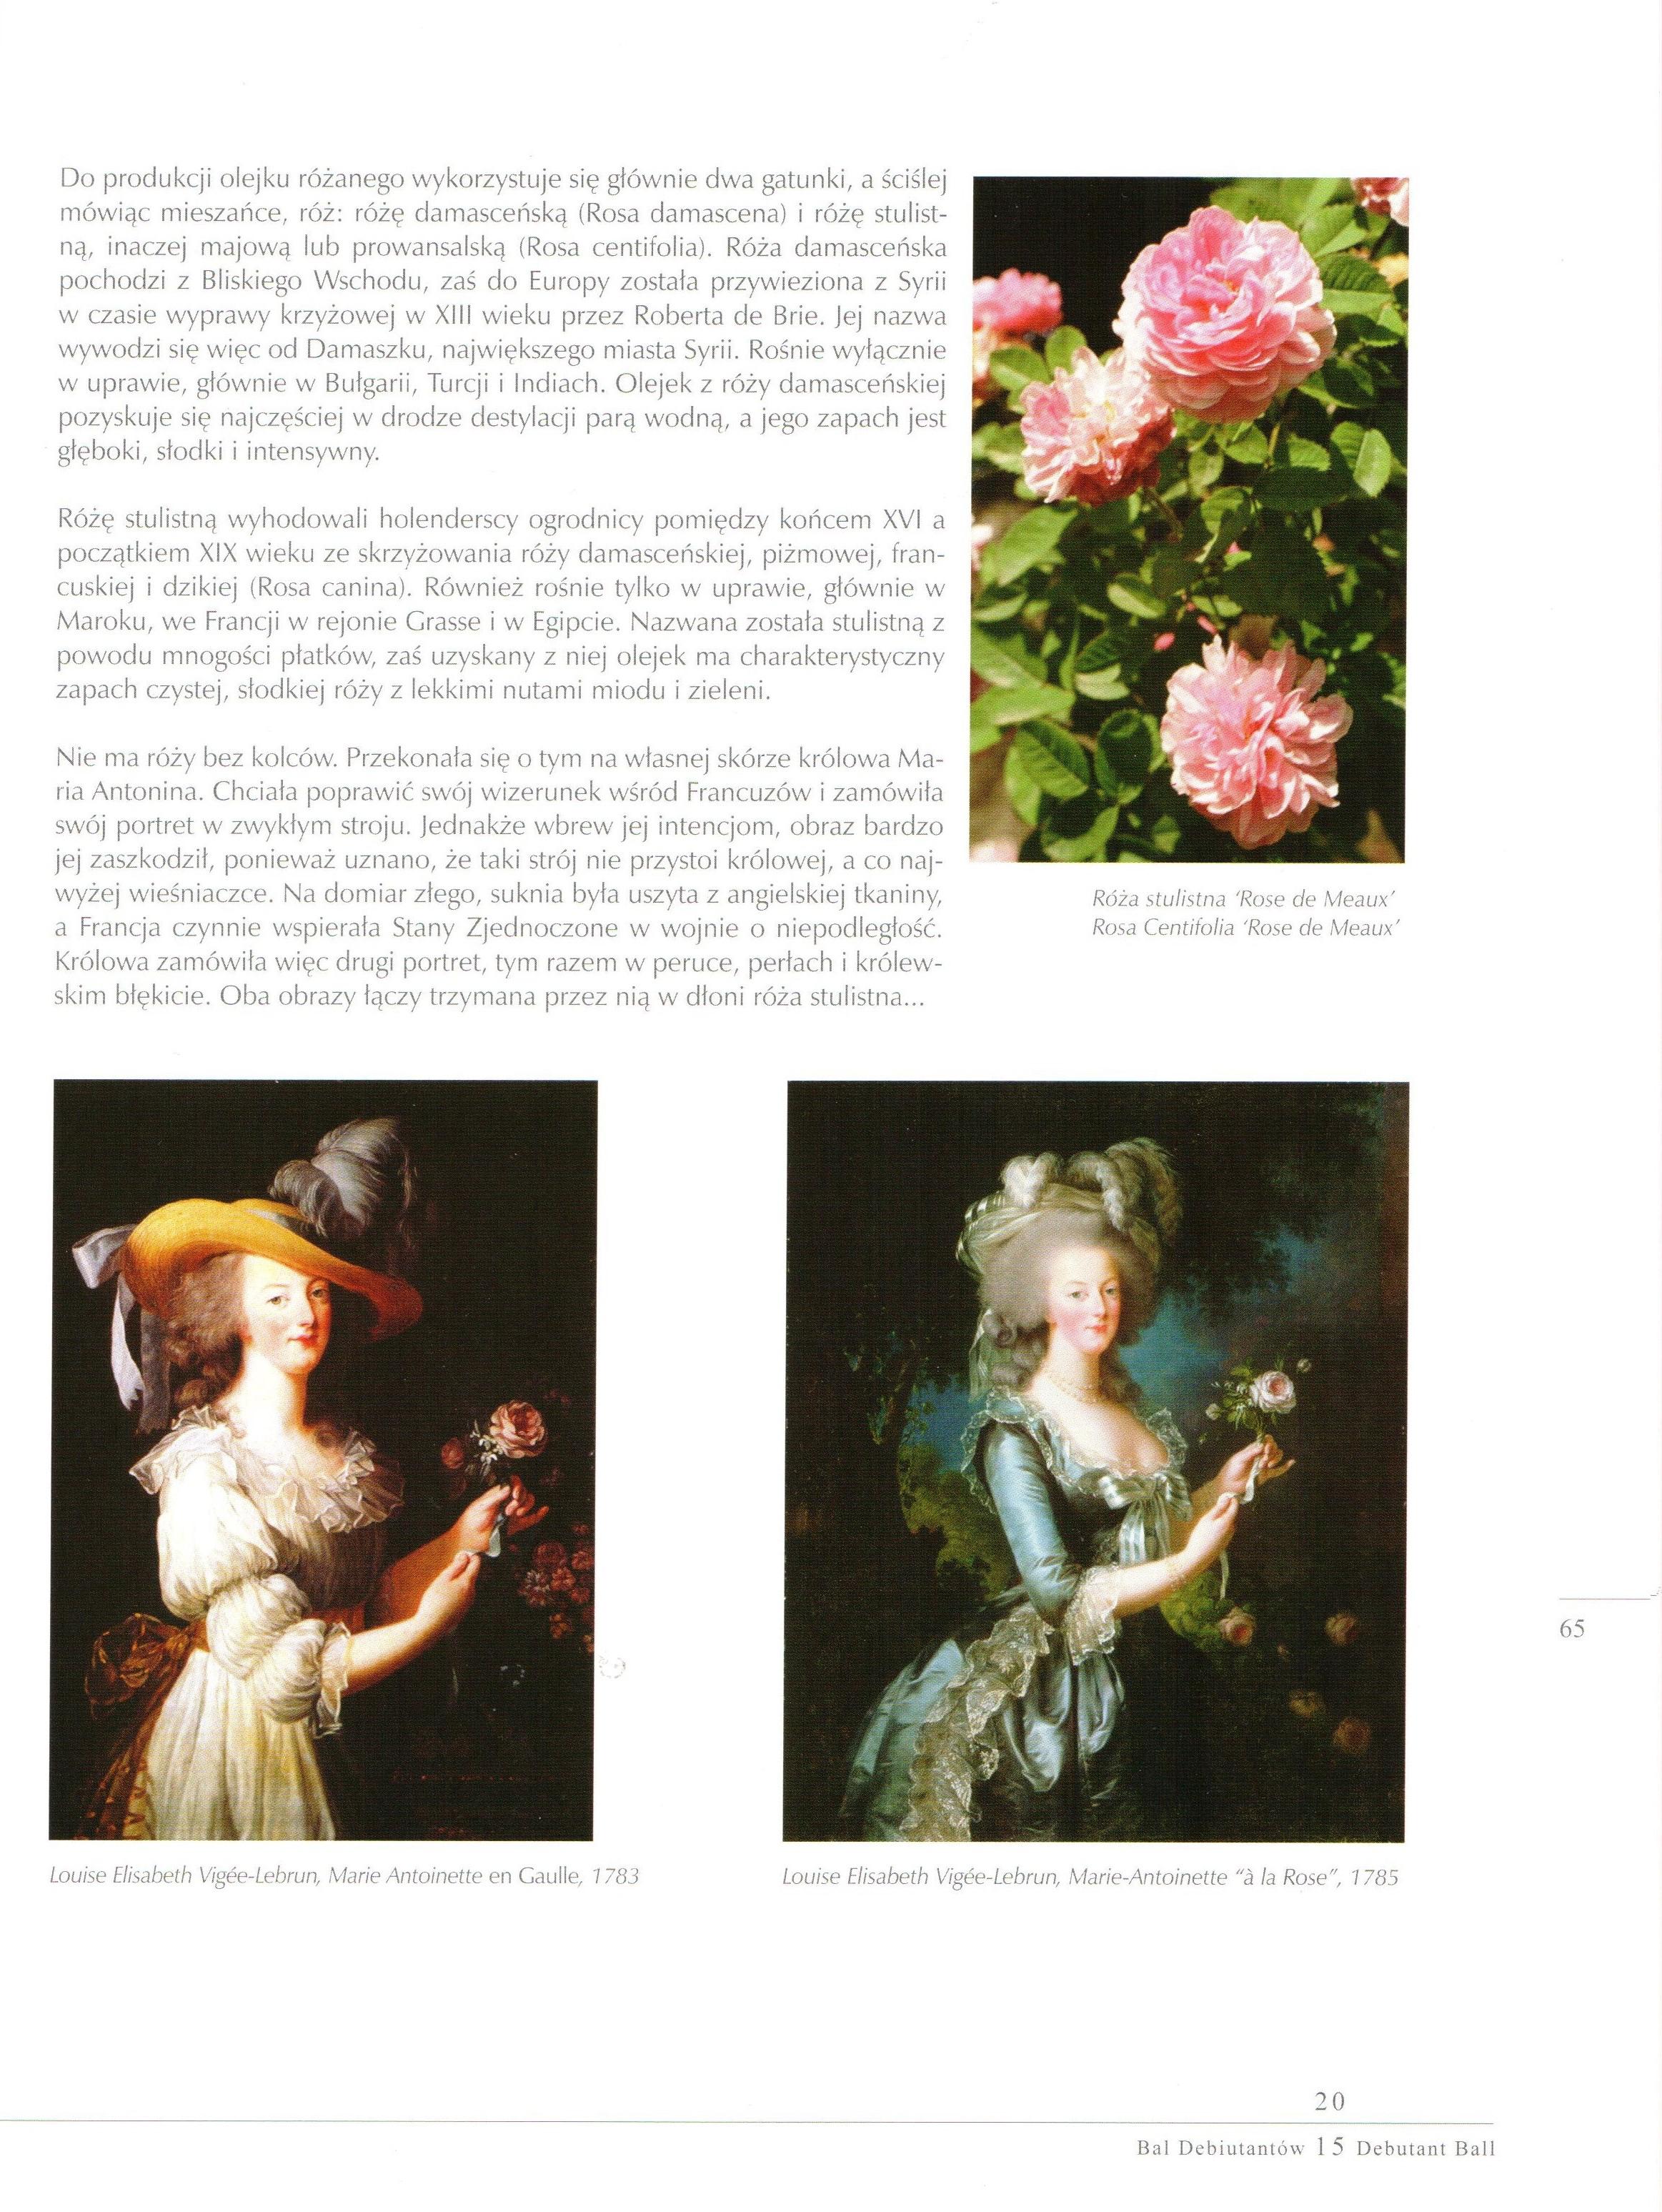 2015.09.05 Album Bal Debiutantów_Artykuł o róży (2)